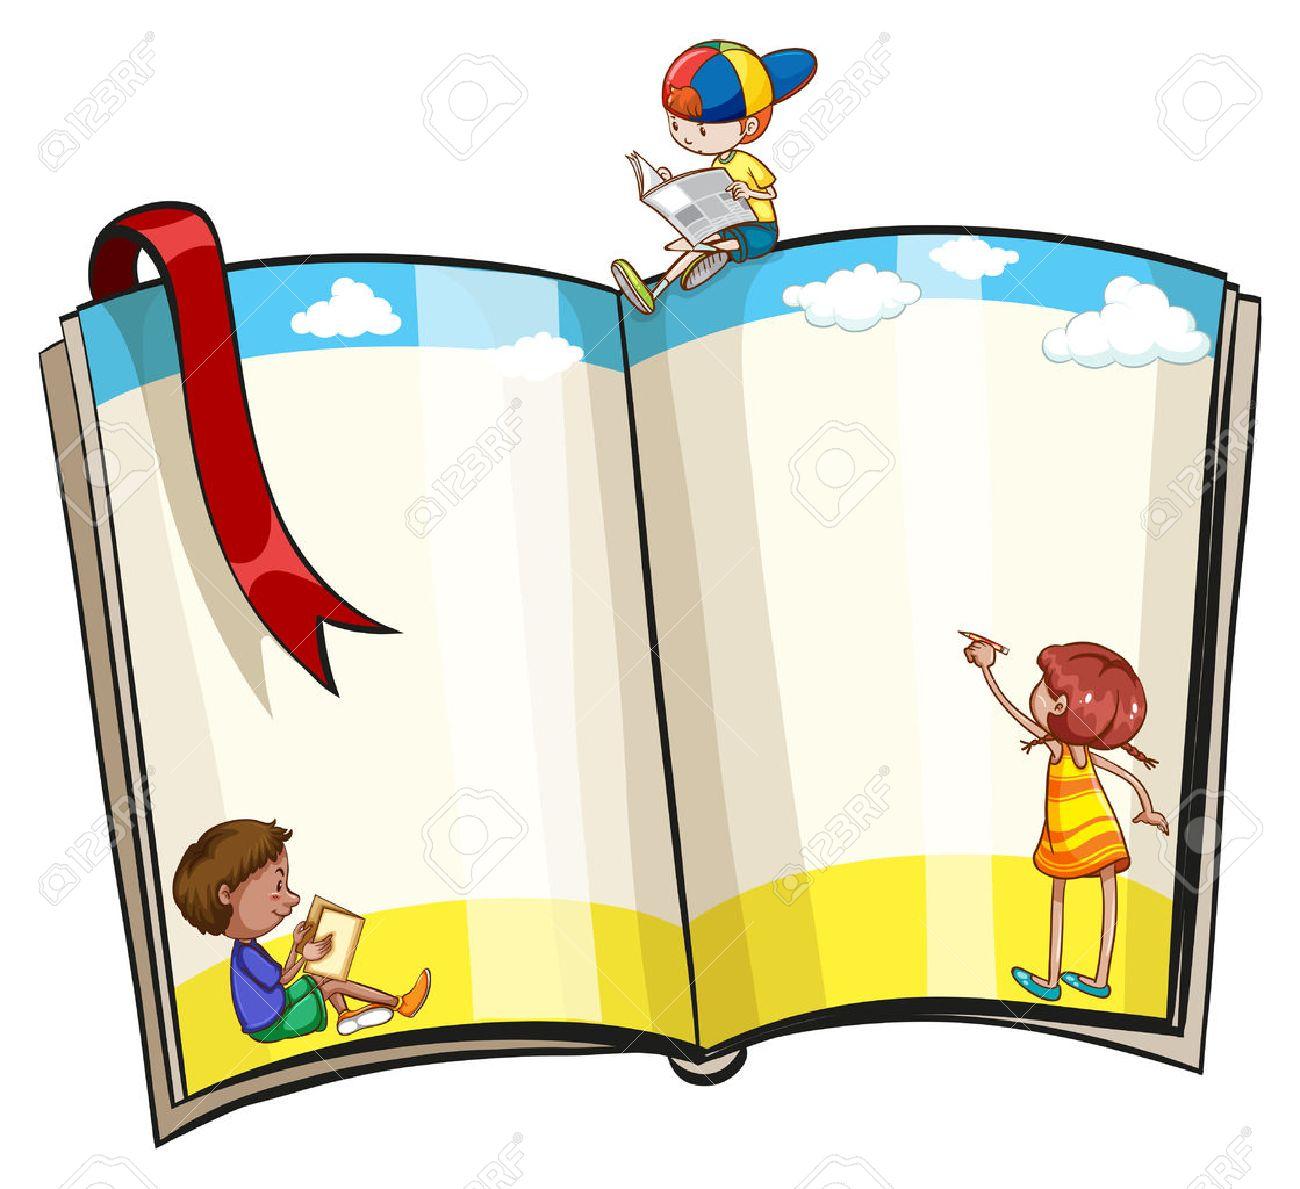 Un Libro Abierto Con Los Niños Diseños Ilustraciones Vectoriales